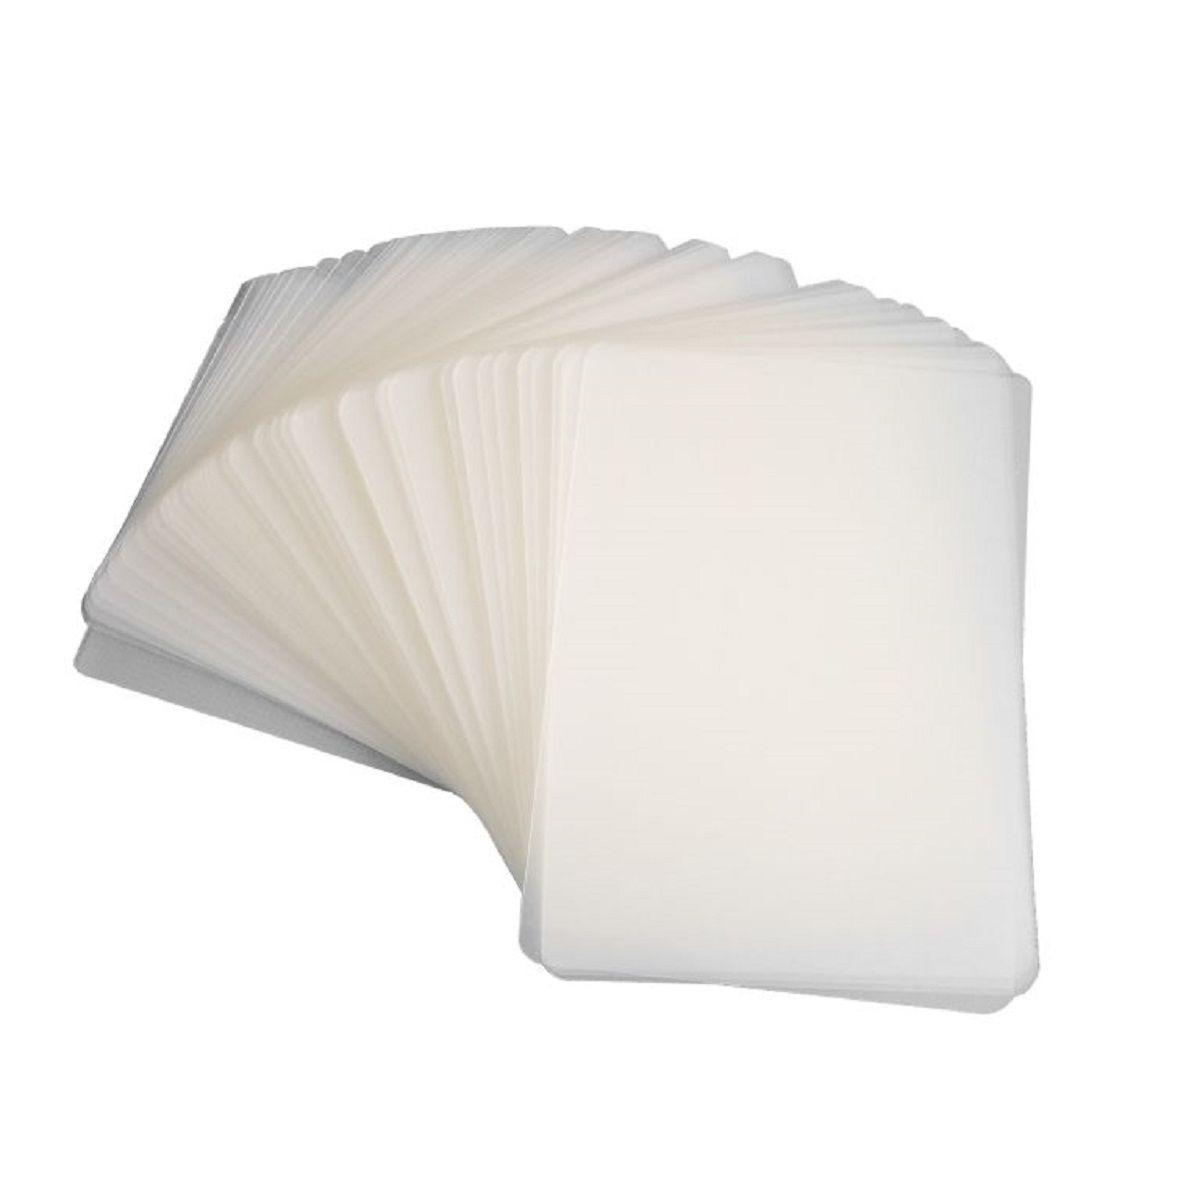 Kit 1000 Plasticos Polaseal para Plastificação Crachá 54x86x0,10mm (250 micras)  - Click Suprimentos